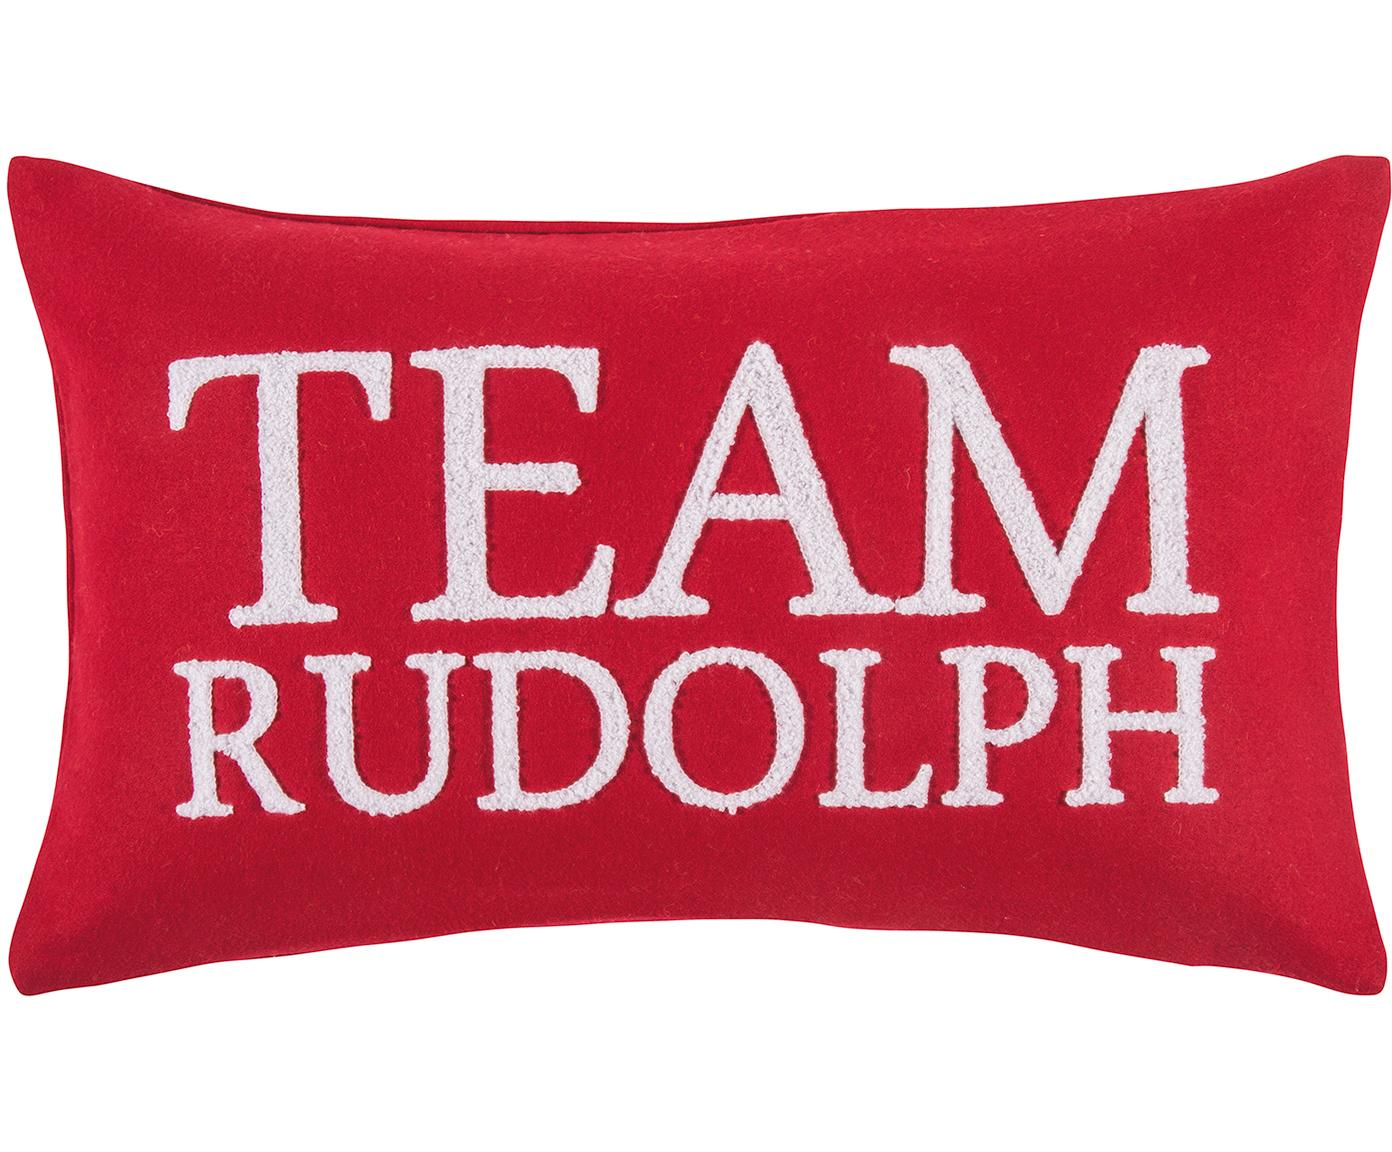 Federa arredo con scritta Rudolph, 60% lana, 40% poliestere, Rosso, bianco, Larg. 30 x Lung. 50 cm